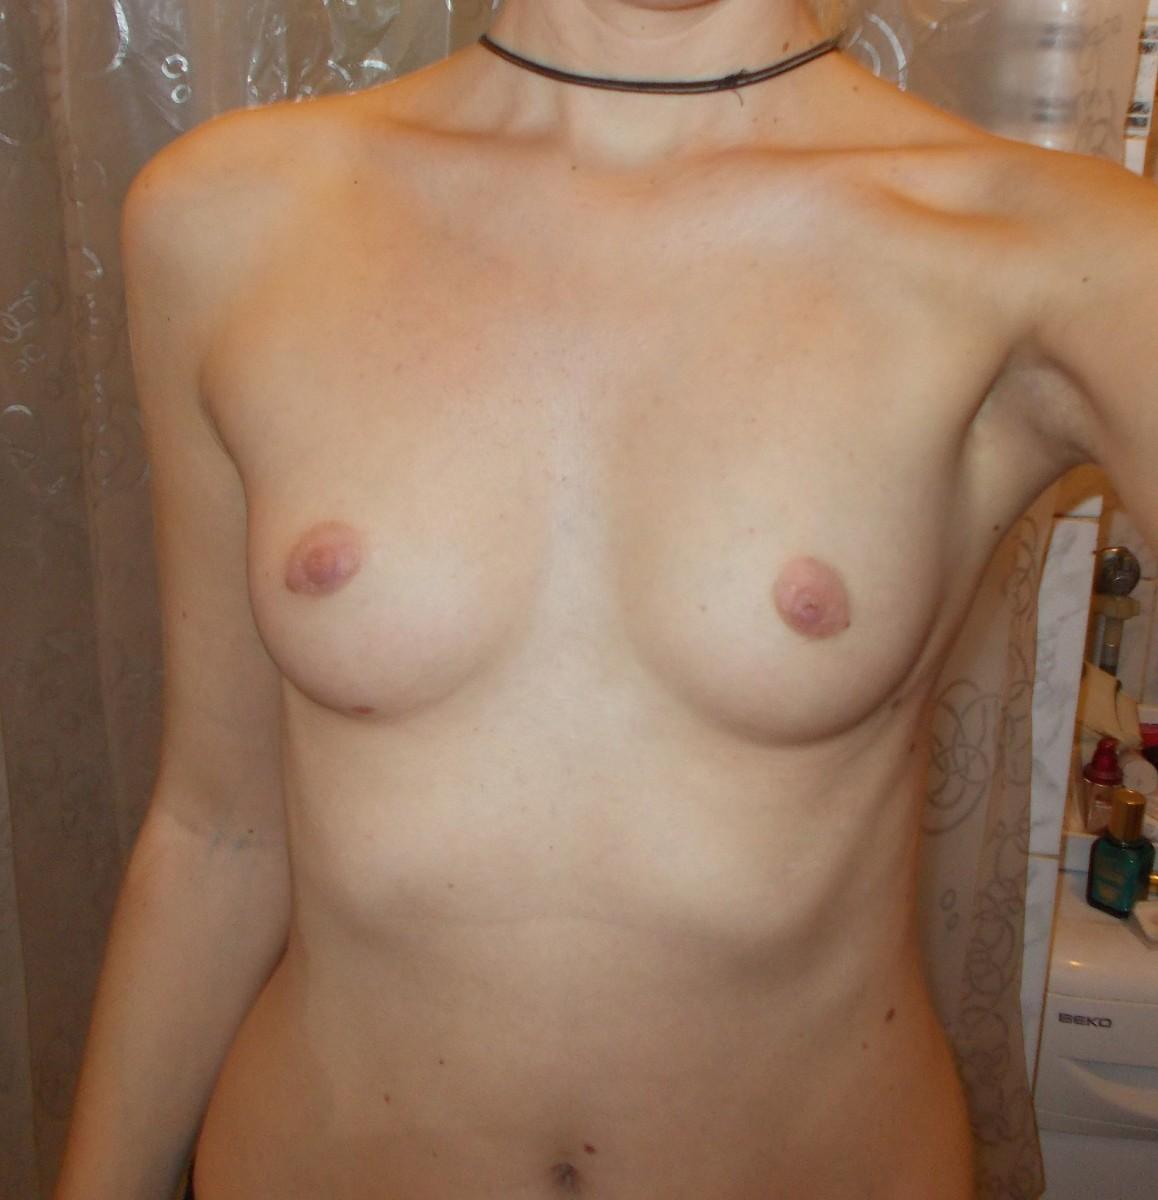 Самые маленькие грудь фото 23 фотография